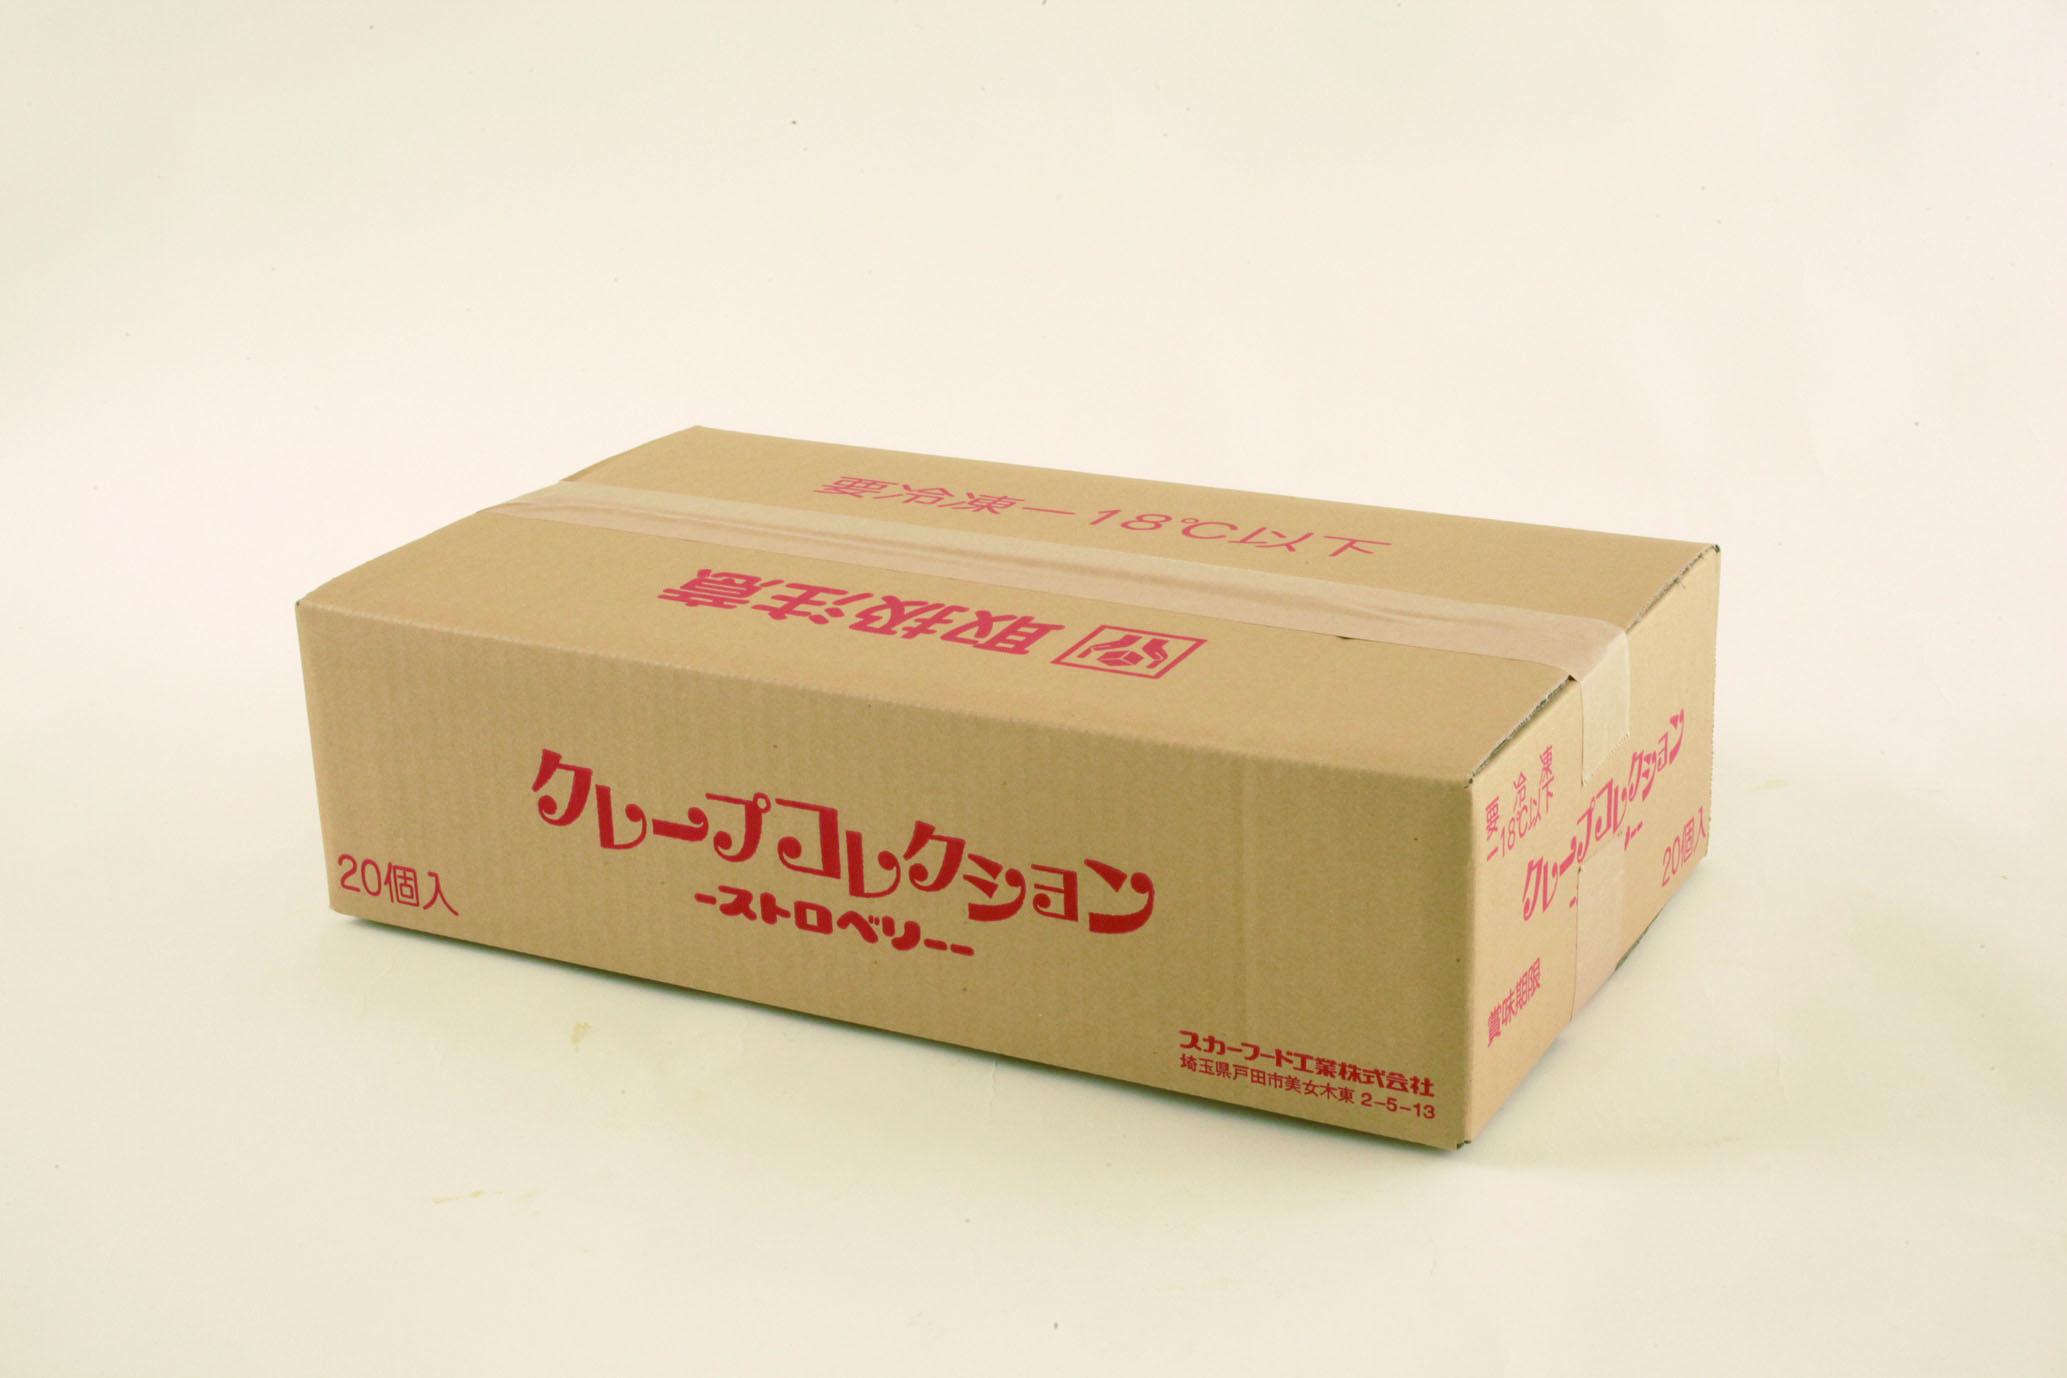 クレープコレクションチョコ・アーモンド